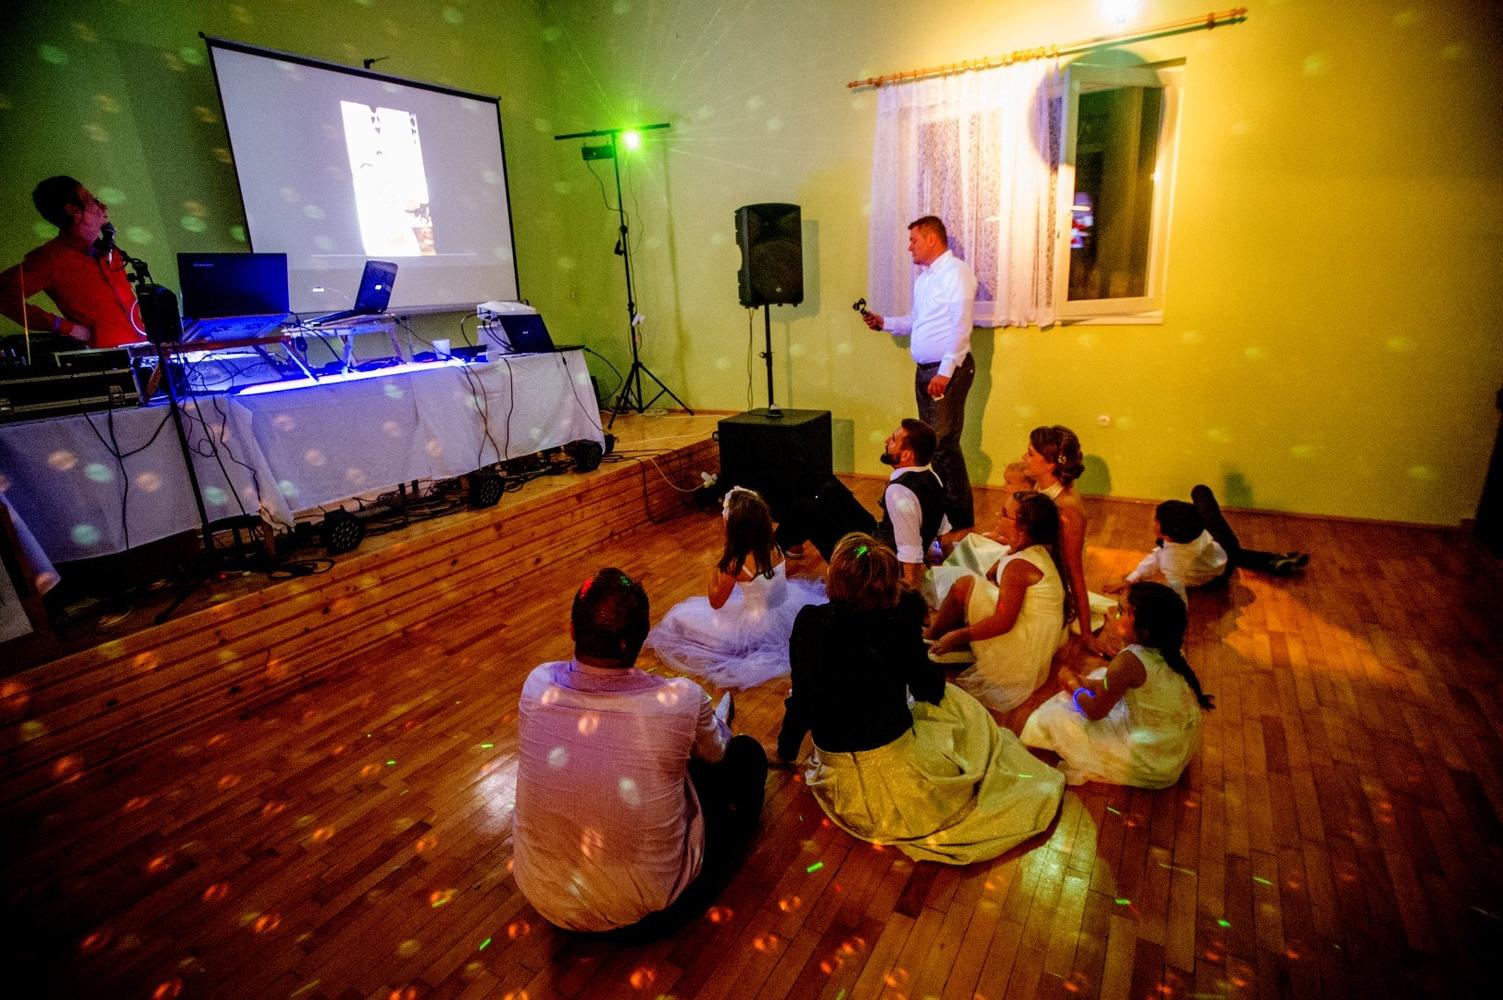 http://www.fotoz.sk/images/gallery-8/normal/eskuvoi-fotos_svadobny-fotograf_585.jpg